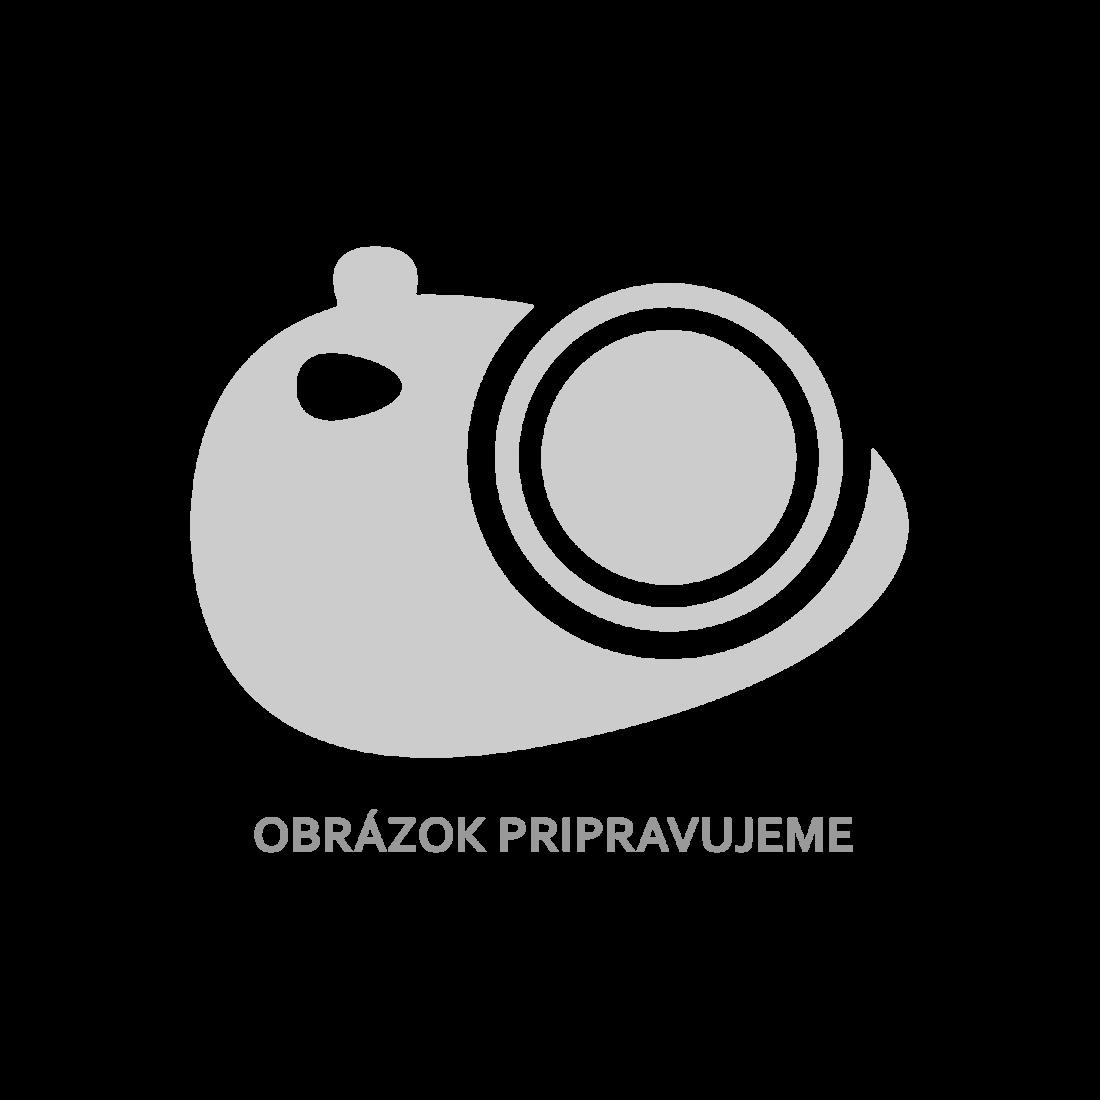 vidaXL Zahradní stůl černý 40 x 40 x 45 cm polyratan [45901]